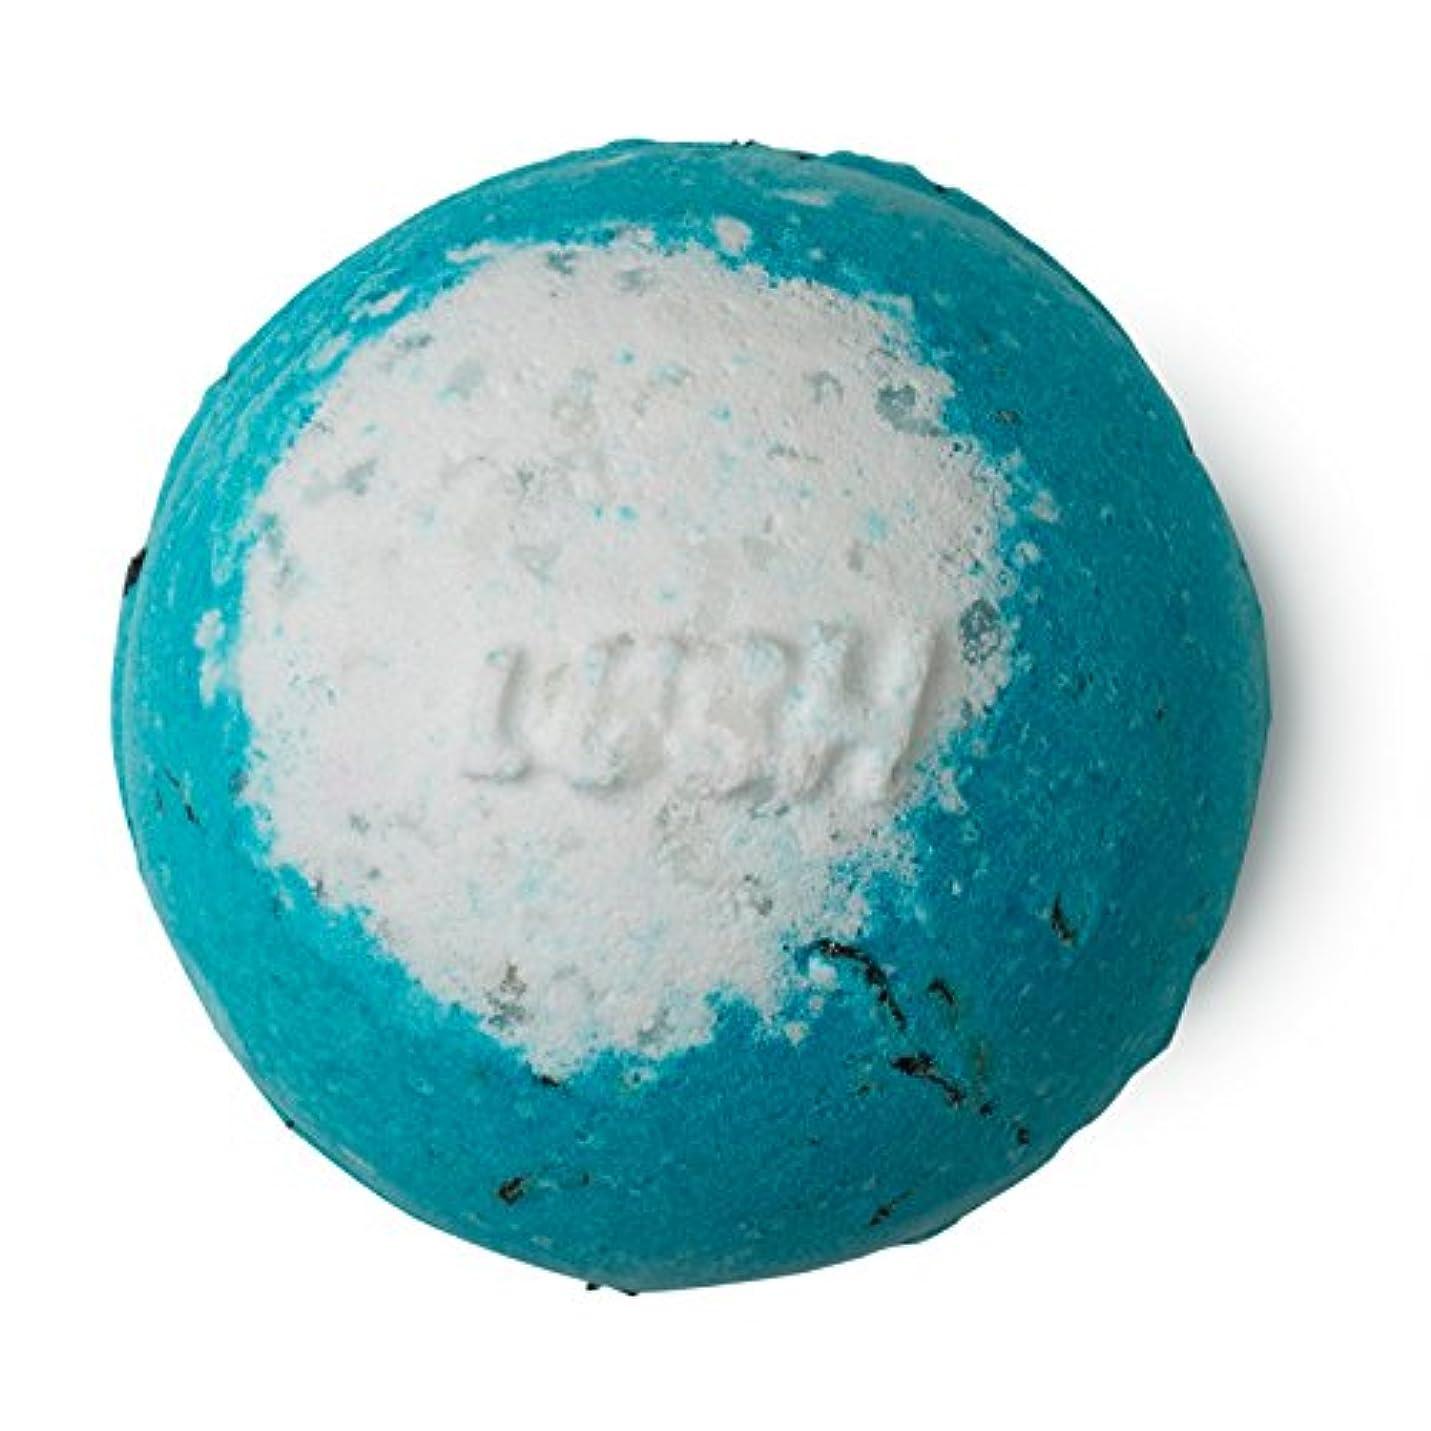 ぴったり計算可能こねるLUSH ラッシュ RUSHラッシュ 200g バスボム 浴用 シーソルト 入浴剤 ラベンダーオイル 入浴剤 ギフト